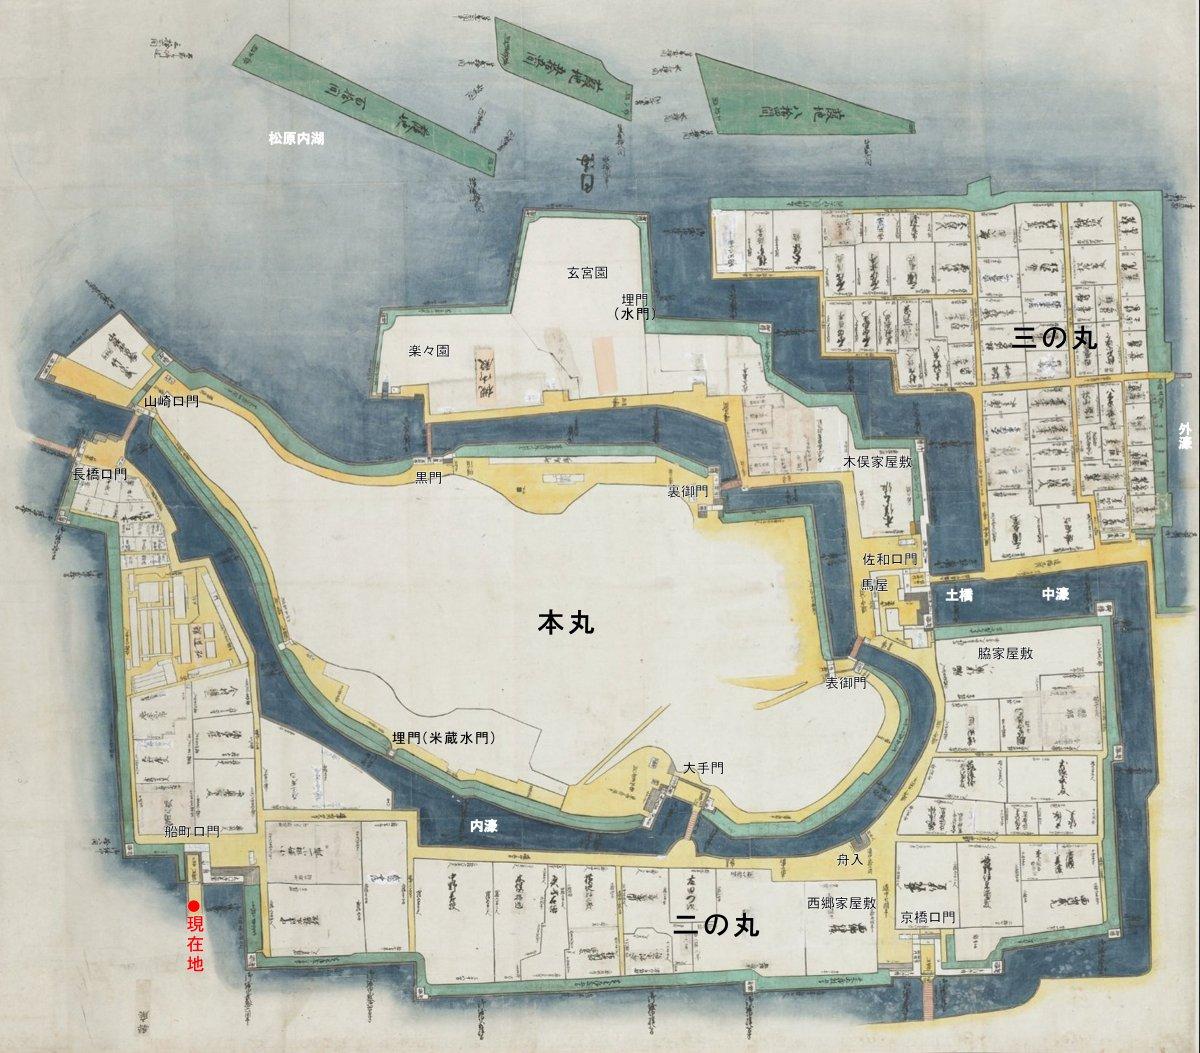 f:id:san-nin-syu:20210725215847j:plain